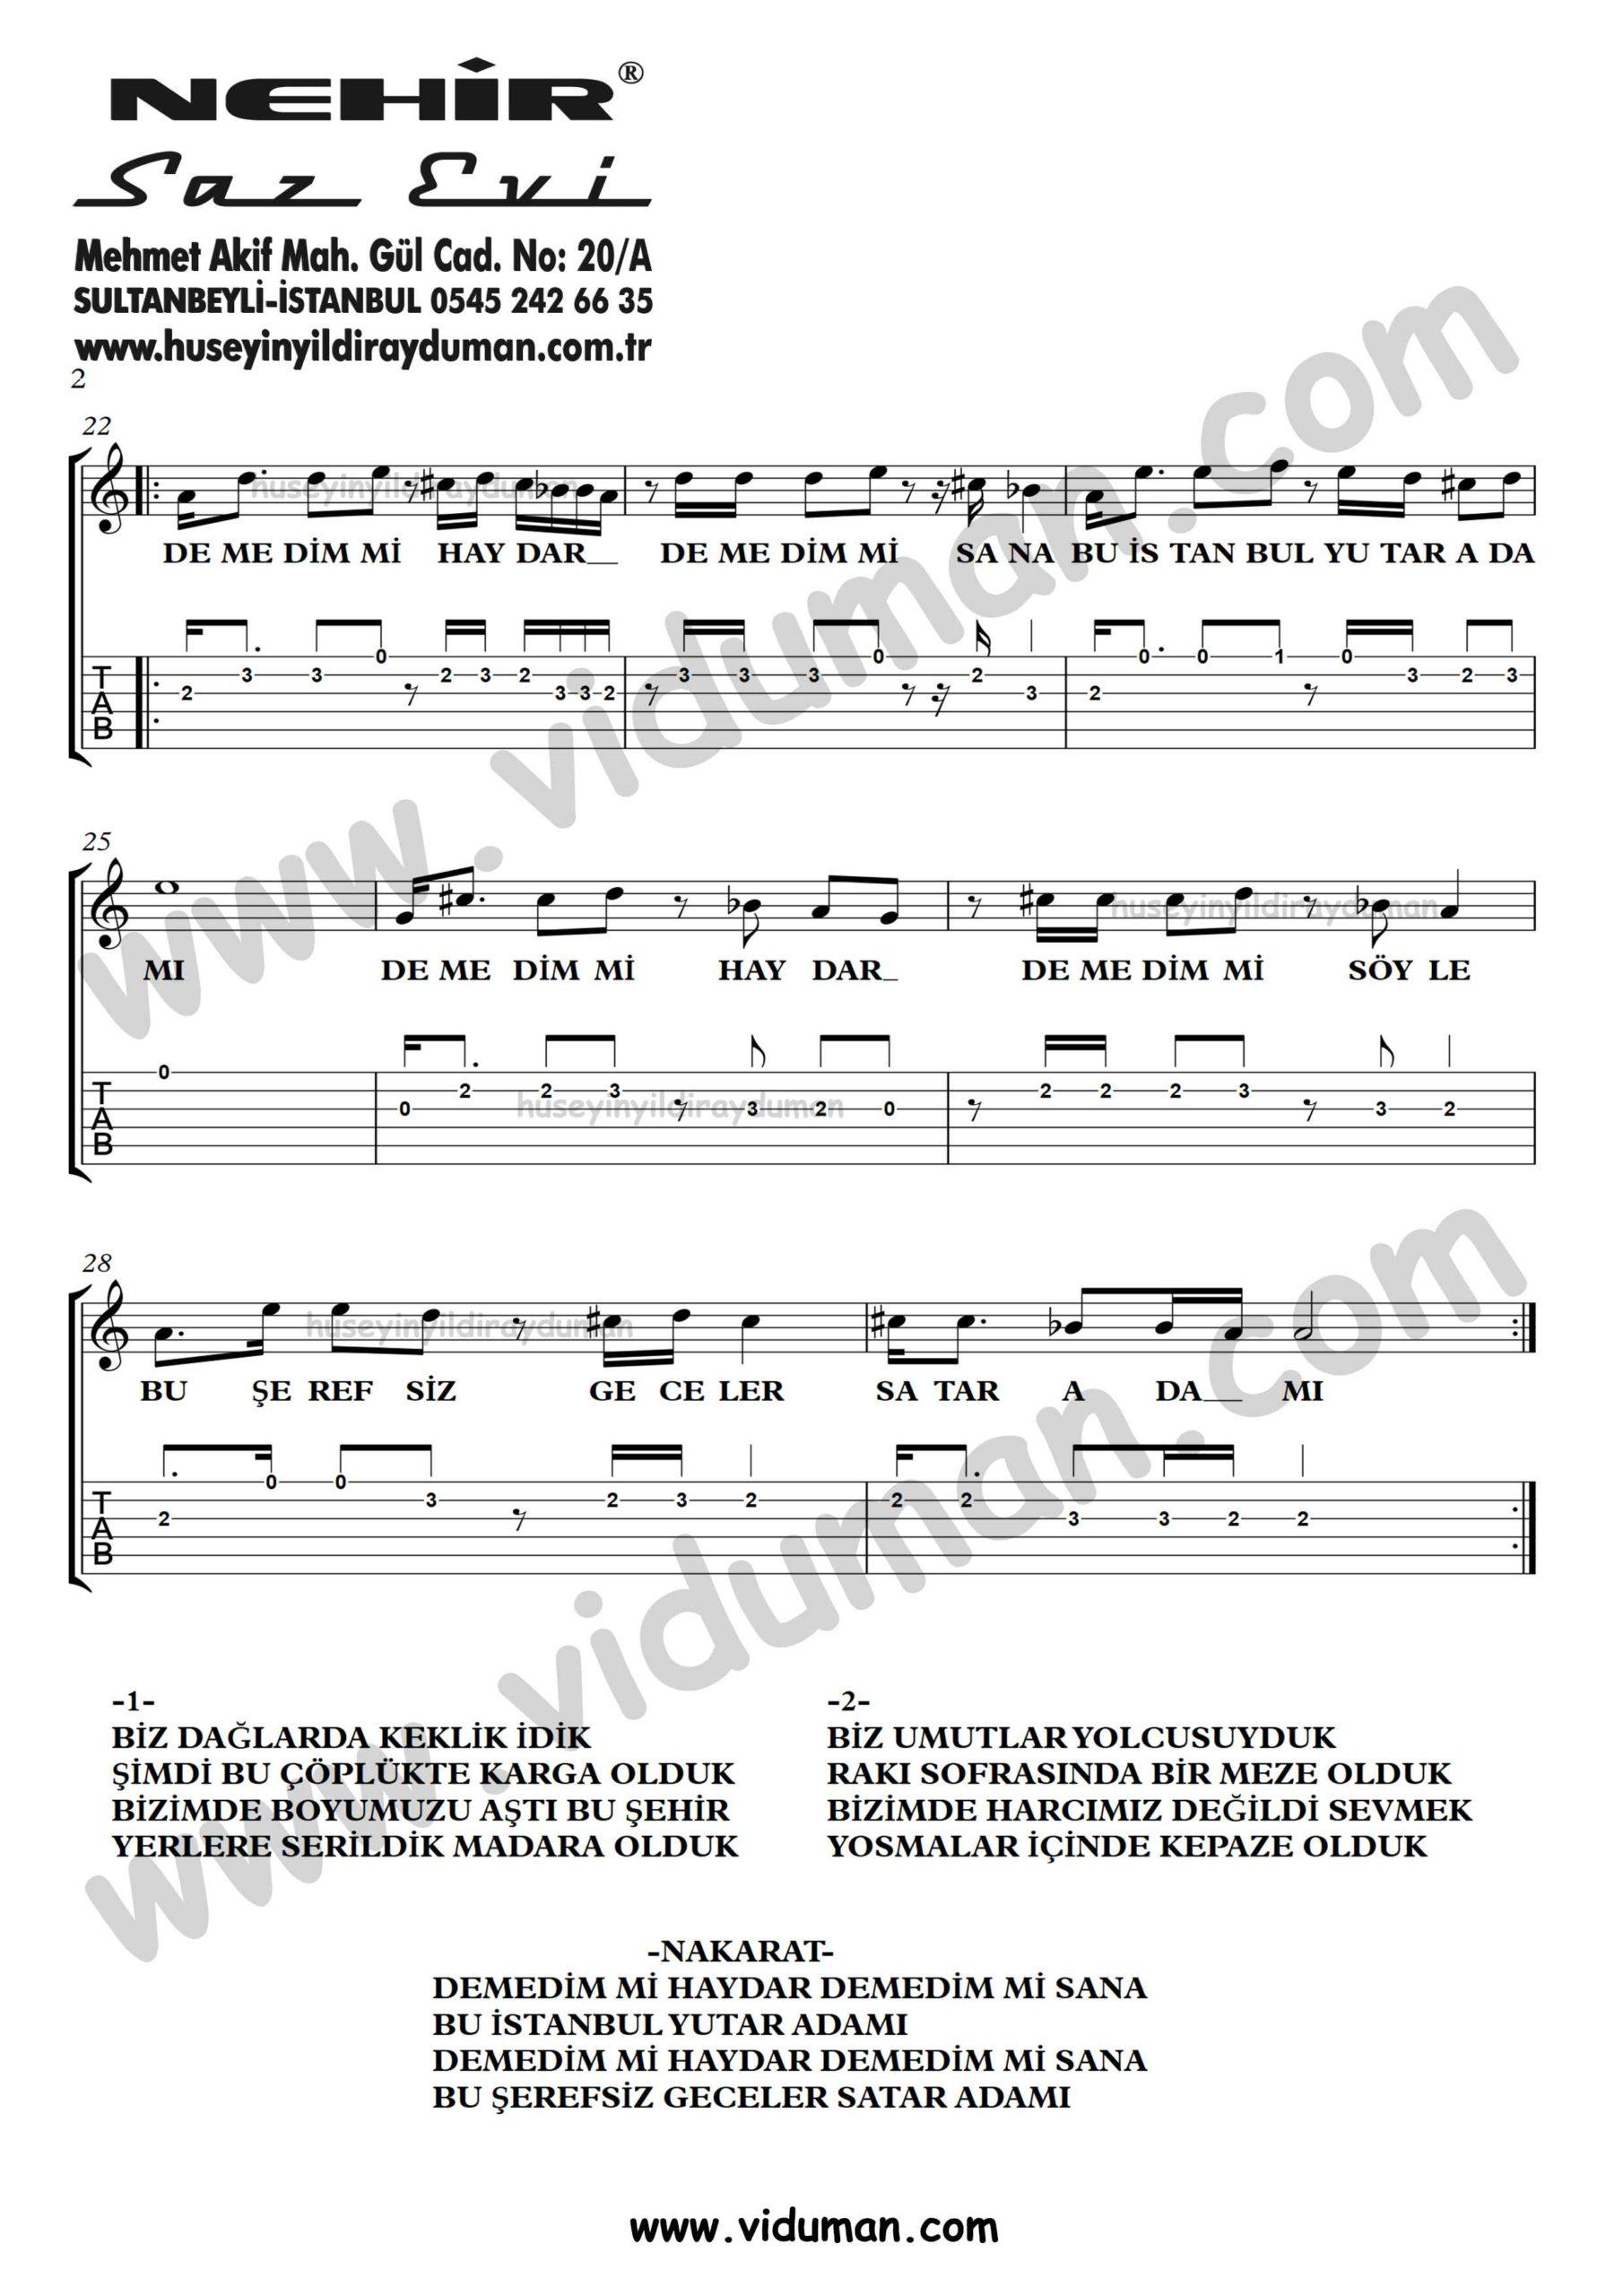 Demedim mi Haydar_2-Ahmet Kaya-Gitar Tab-Solo Notalari